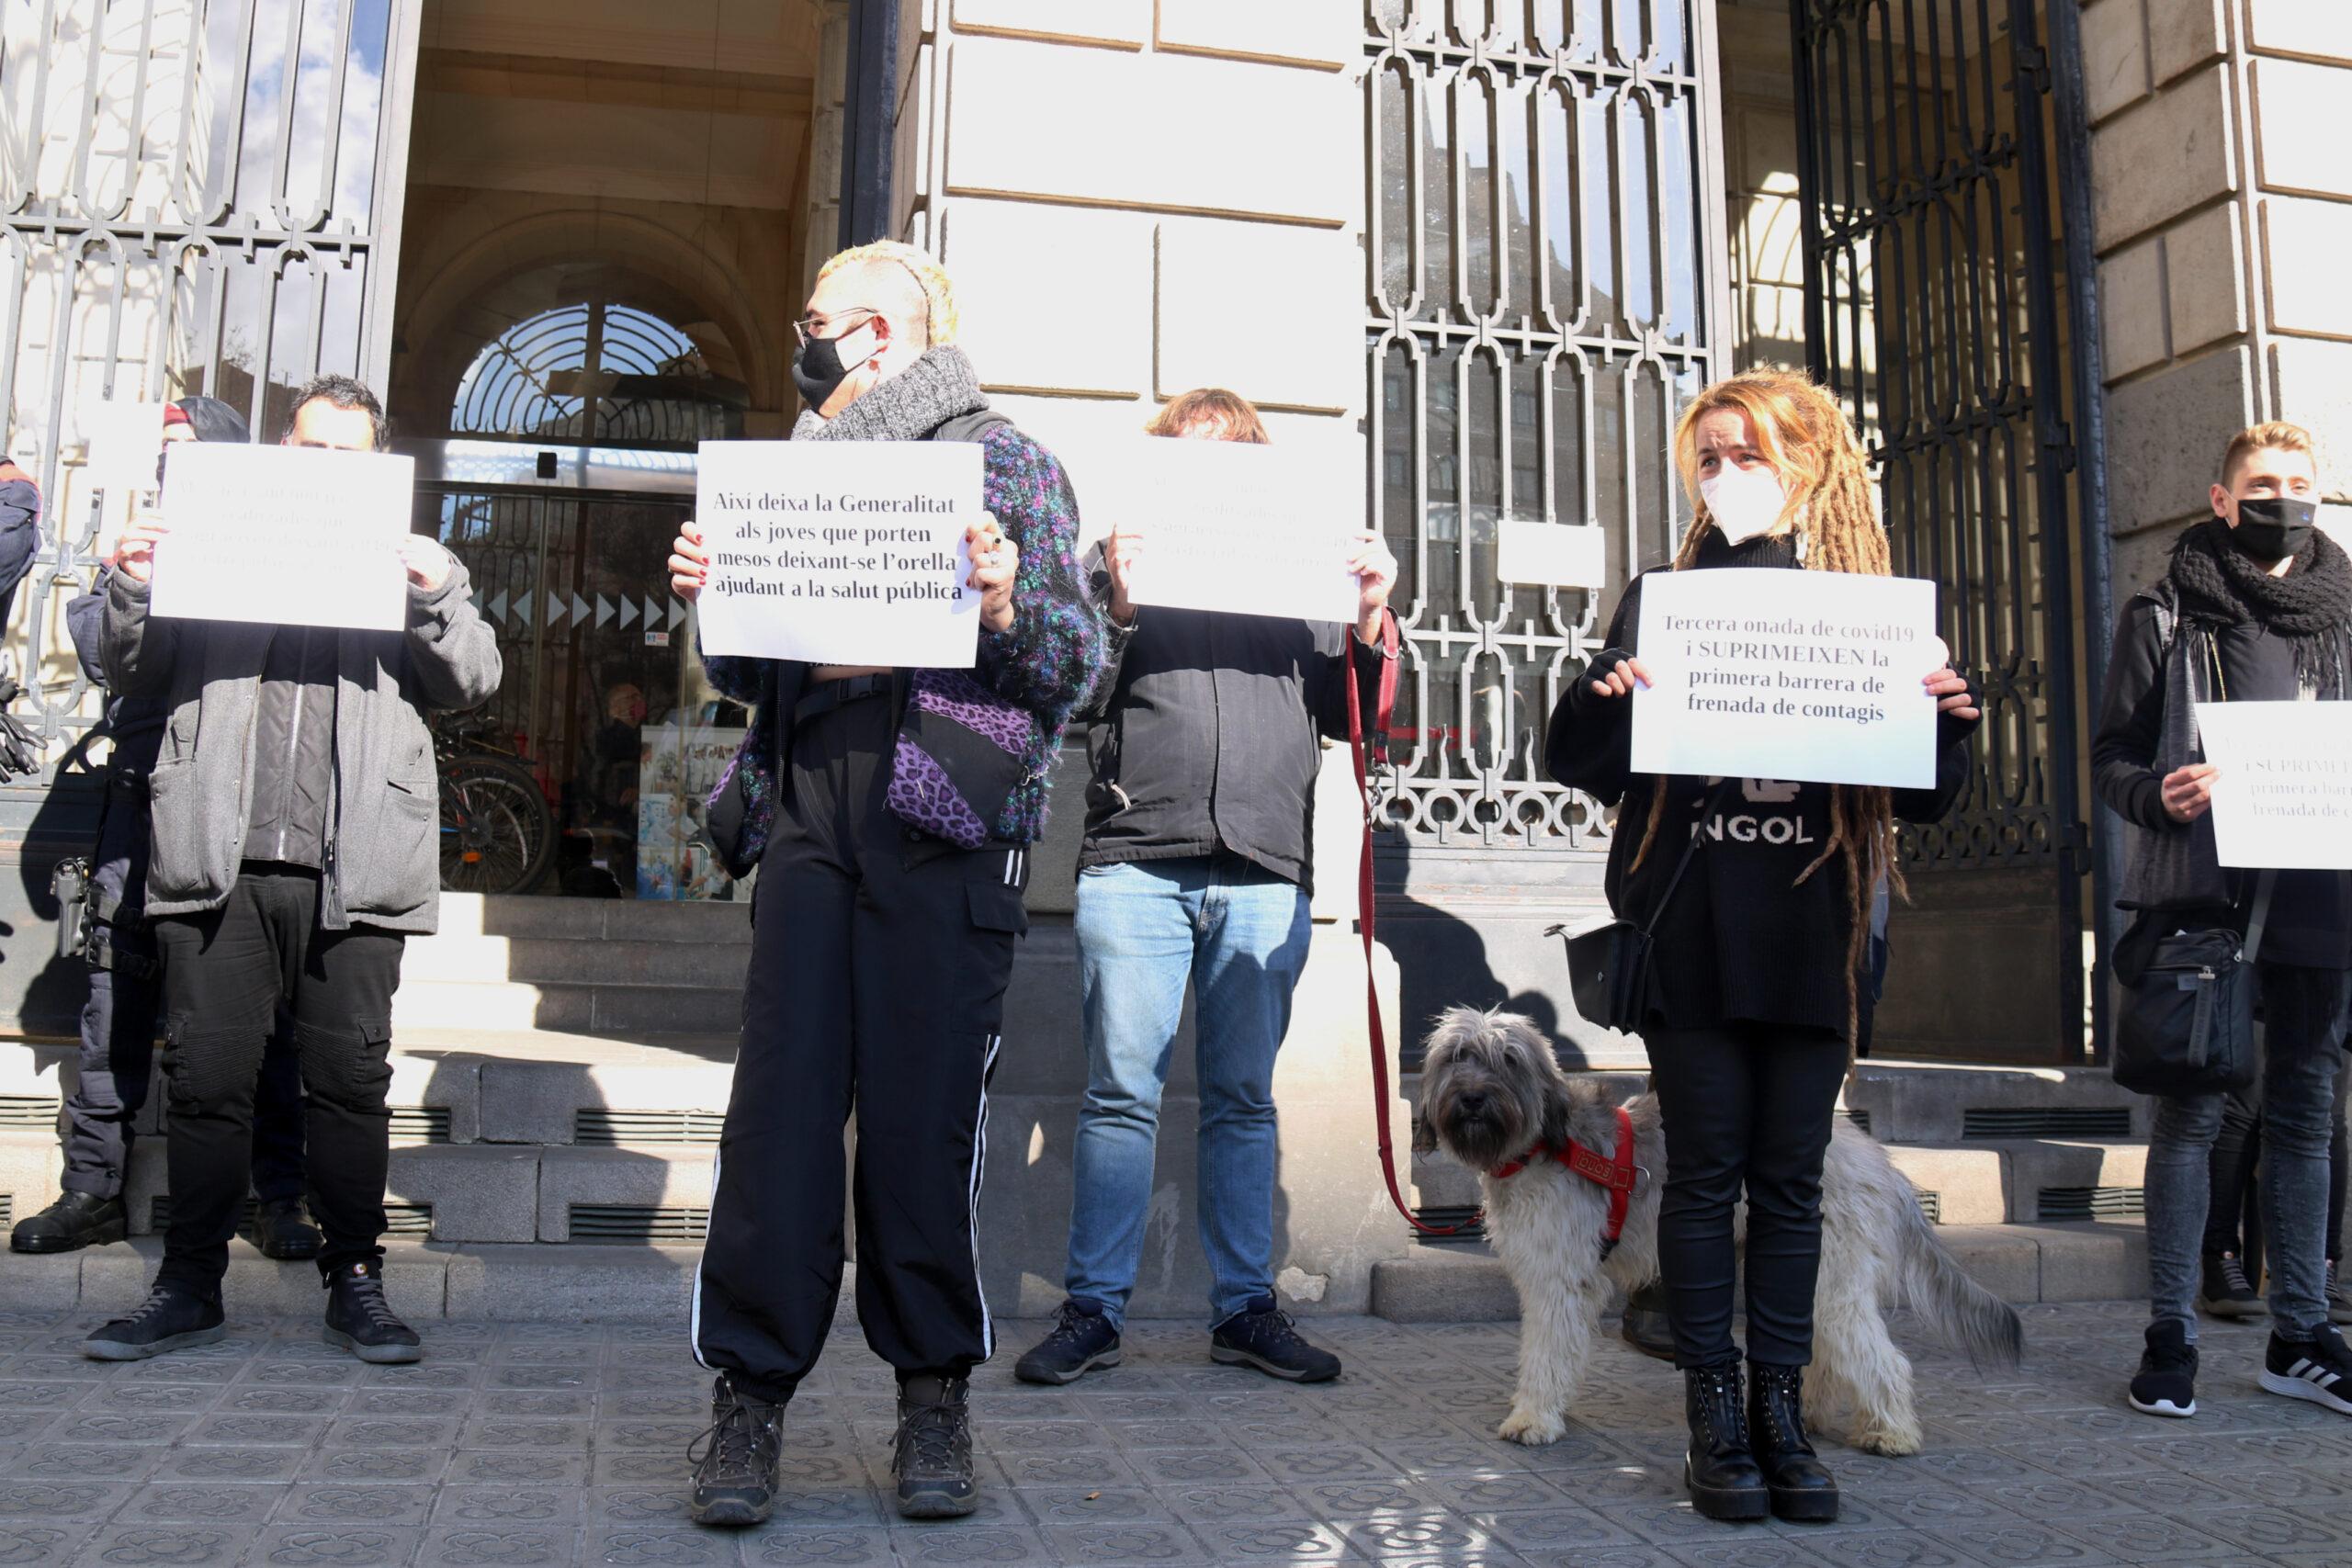 Els rastrejadors contractats per Ferrovial en una protesta davant l'ICS | ACN